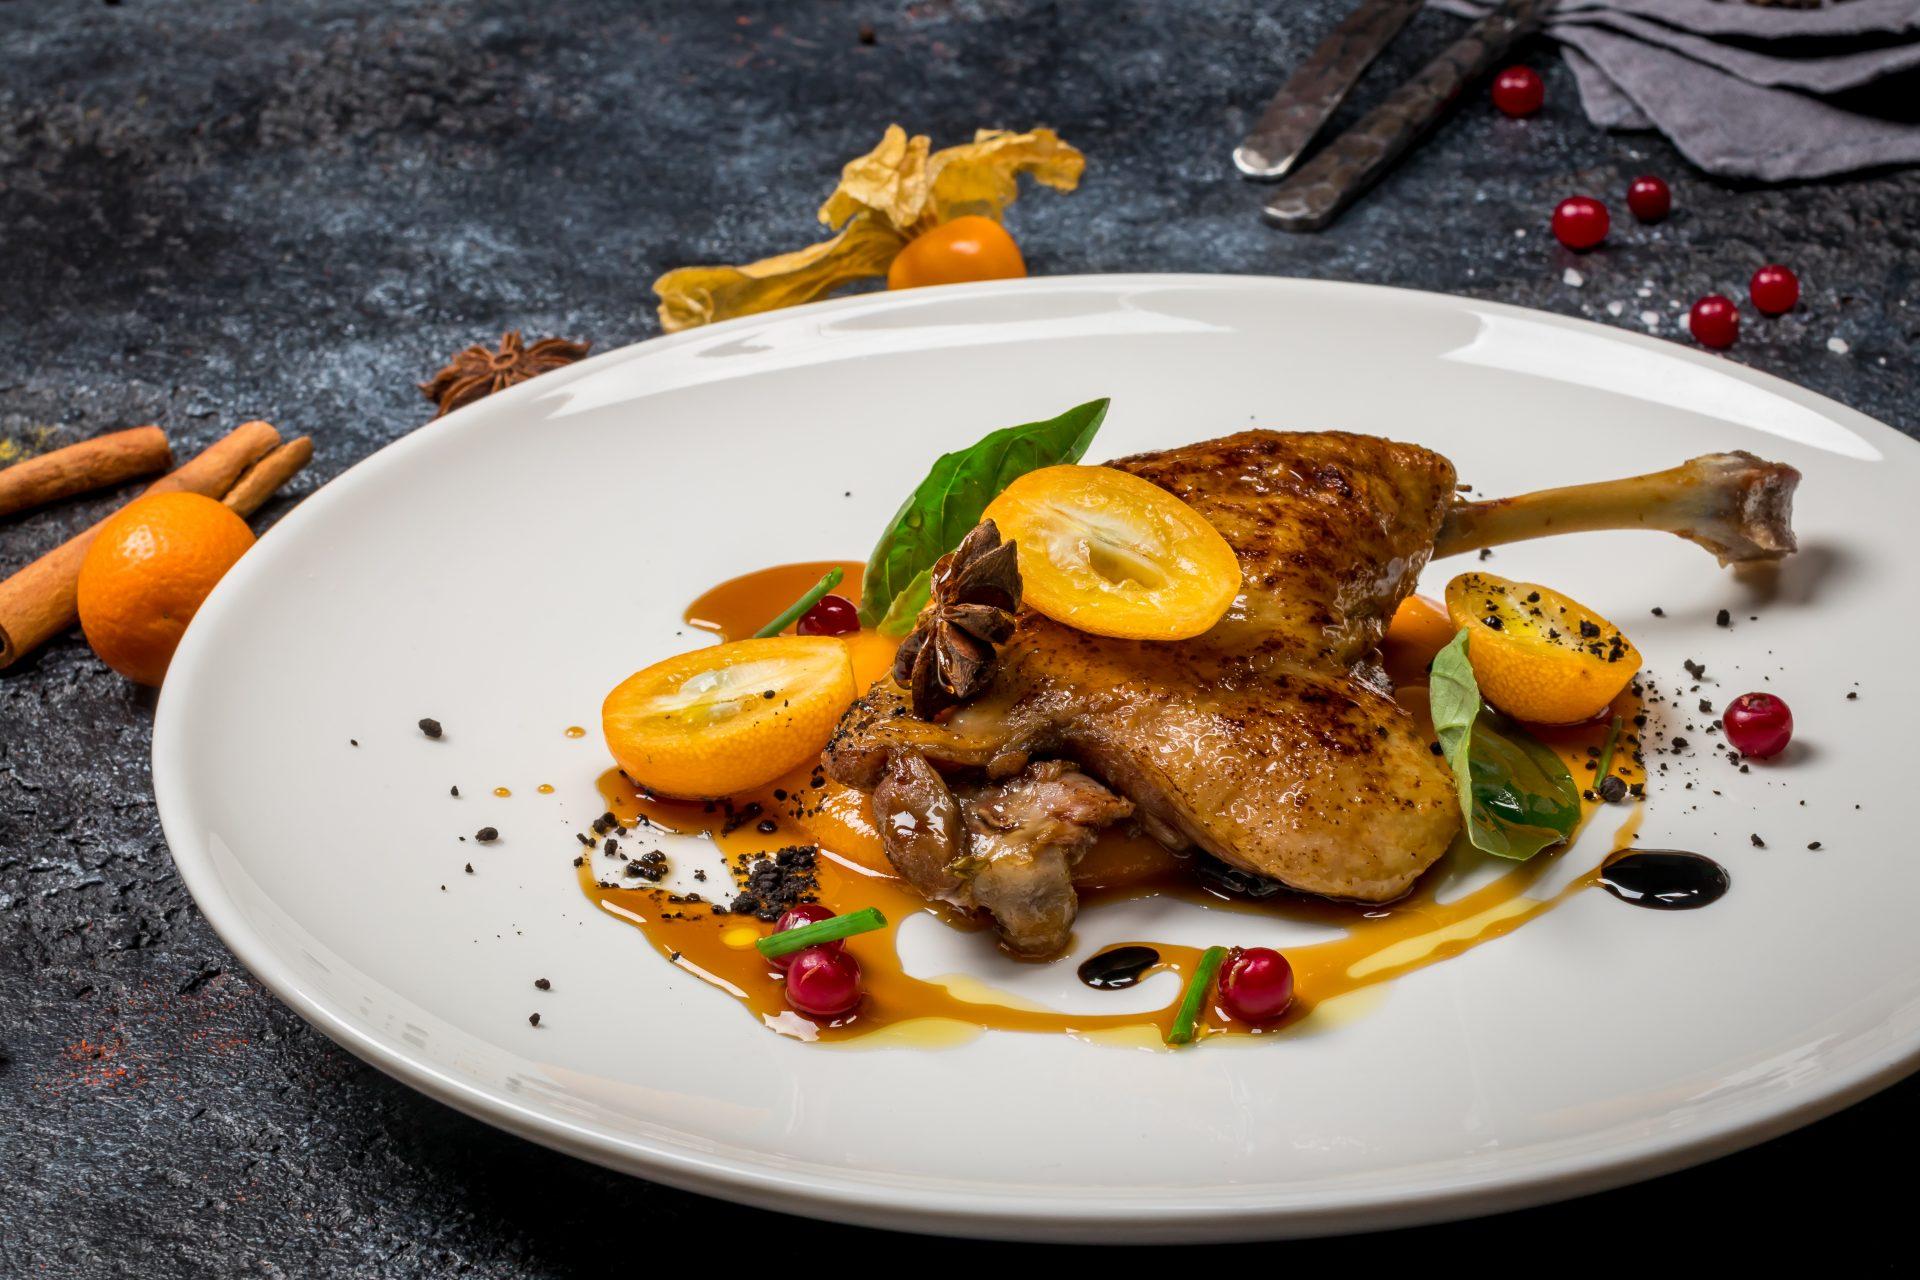 Способы приготовления блюд: конфи из утки. Этот способ приготовления чаще всего встречается во французской кухне